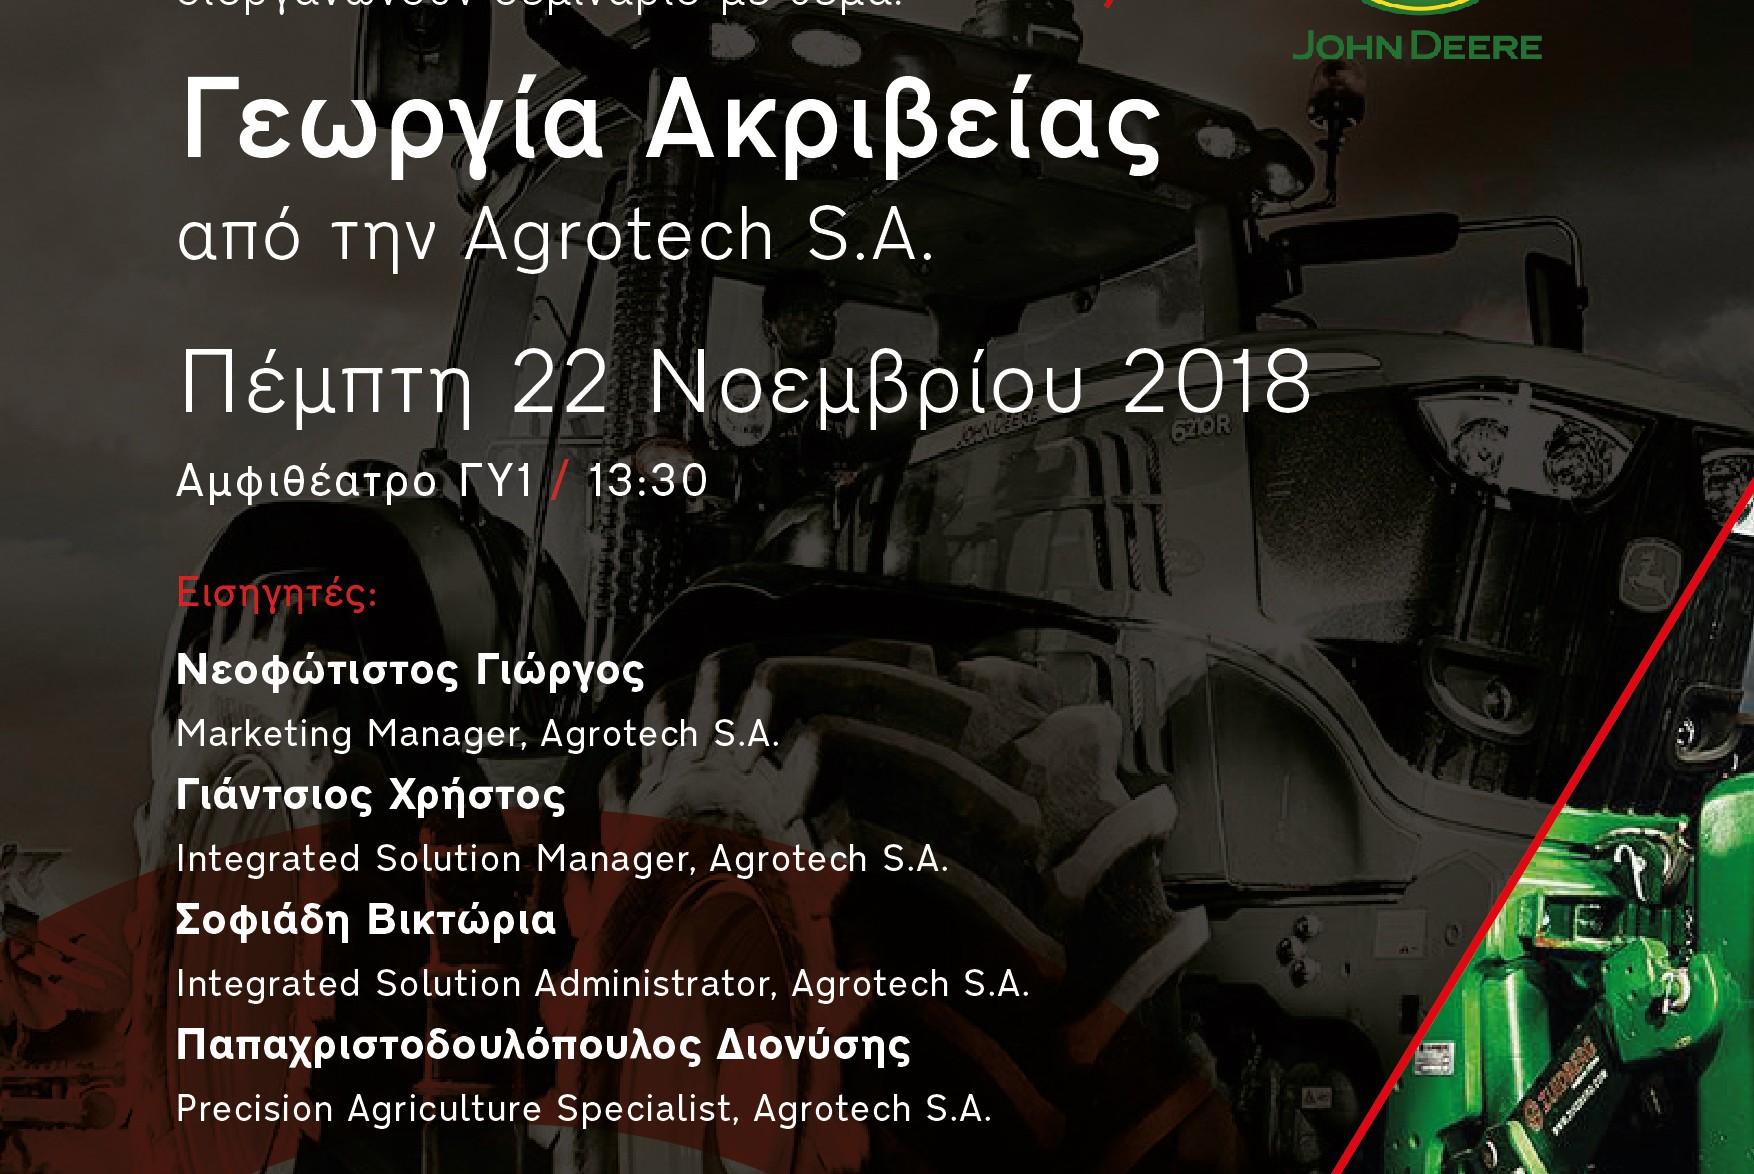 Σεμινάριο   Γεωργία Ακριβείας